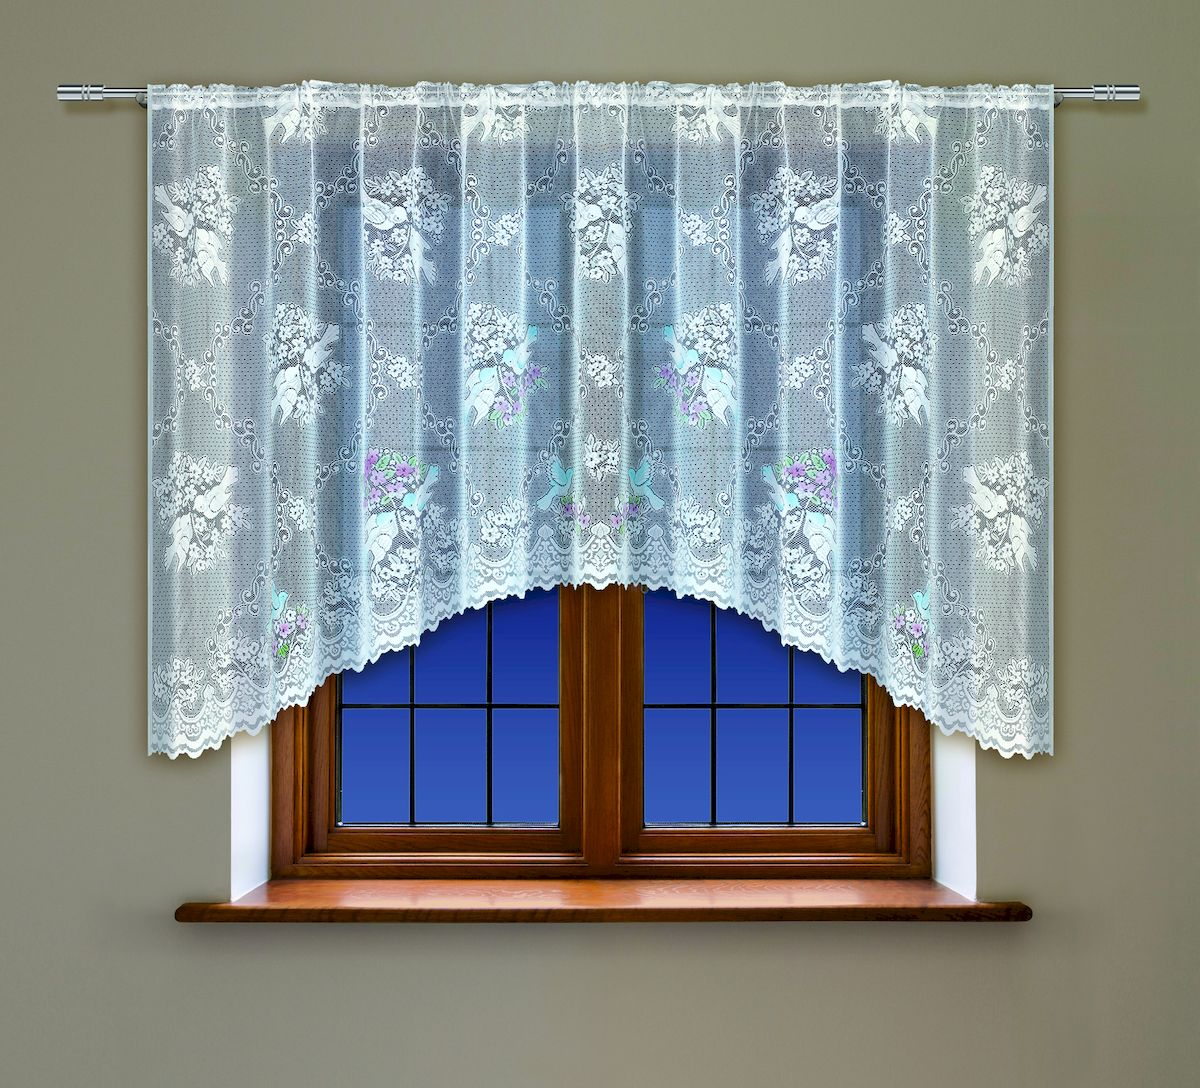 Гардина Haft, на кулиске, цвет: белый, высота 160 см. 22216179957_ЛентаВоздушная гардина Haft, выполненная из полиэстера, великолепно украсит любое окно.Изделие имеет оригинальный дизайн и органично впишется в интерьер помещения.Гардина крепится на карниз при помощи кулиски.